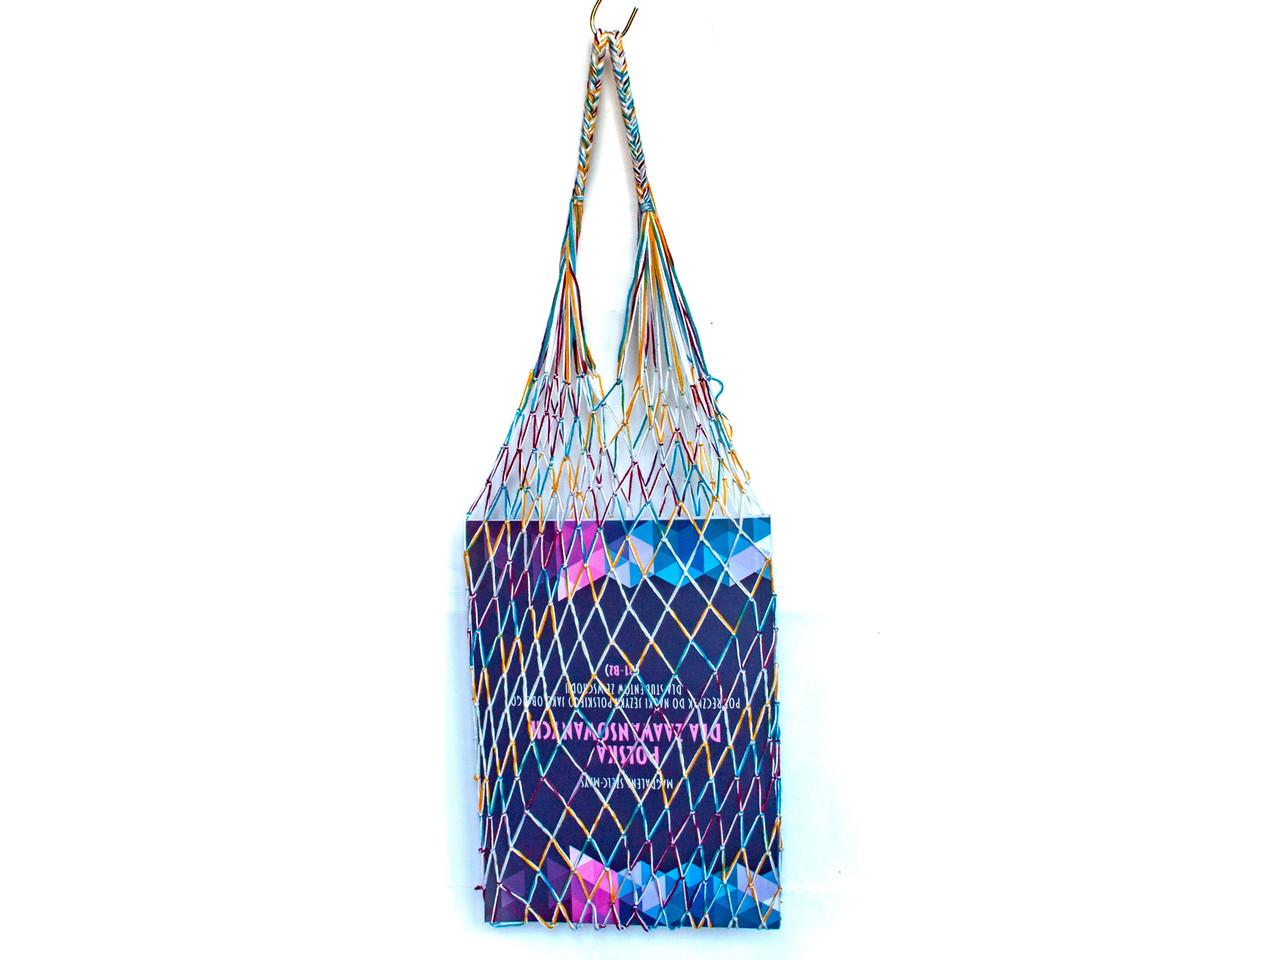 Ежедневная Эко сумка - Французская сумка Авоська - Шопер сумка - Крейзи в светлом